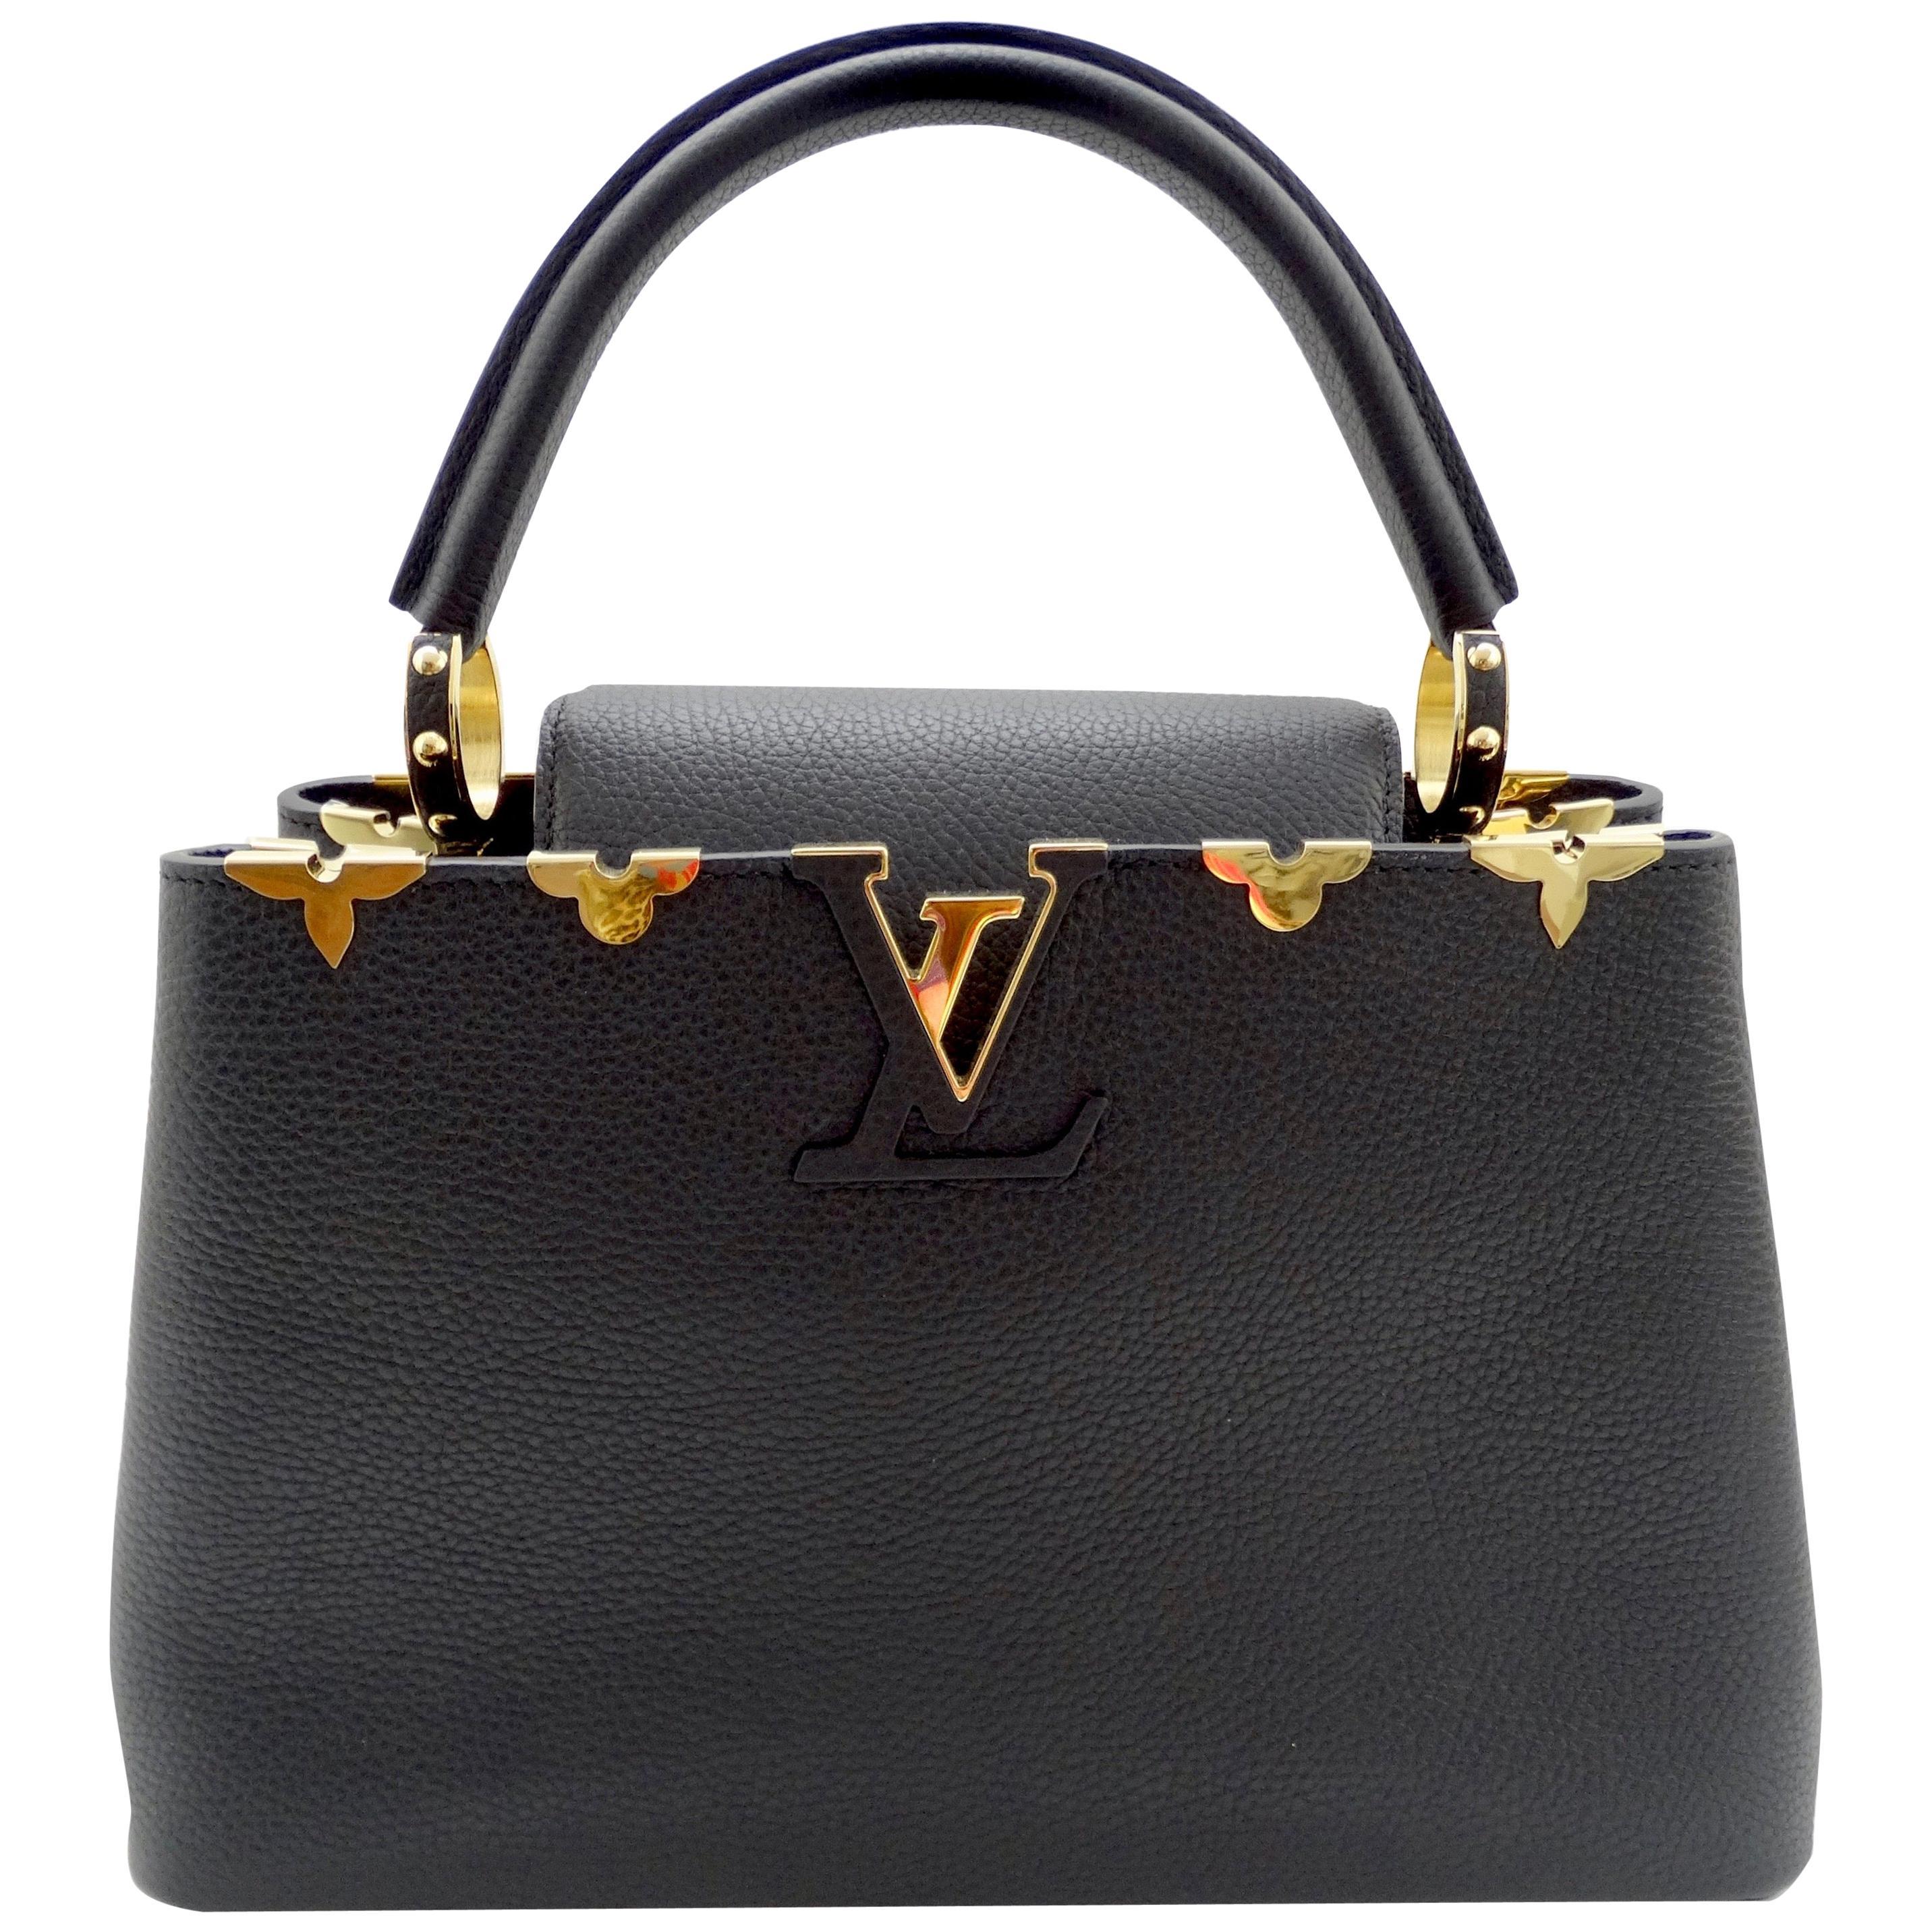 Louis Vuitton Taurillon Capucines PM w/ Bandouliere Handbag